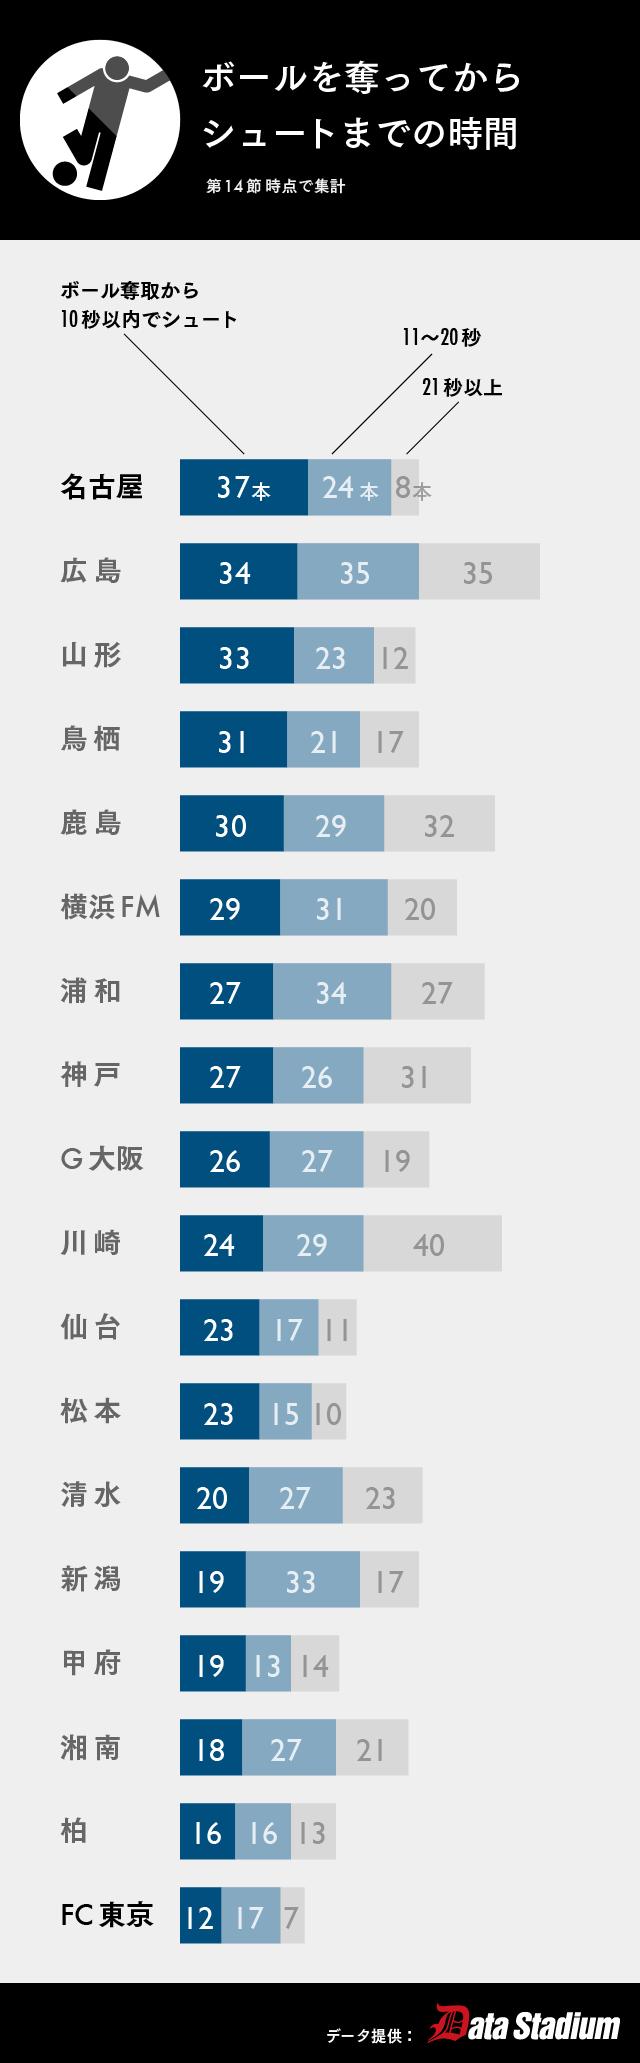 【マスター】NPクイズ_回答編グラフ1_20150610-01